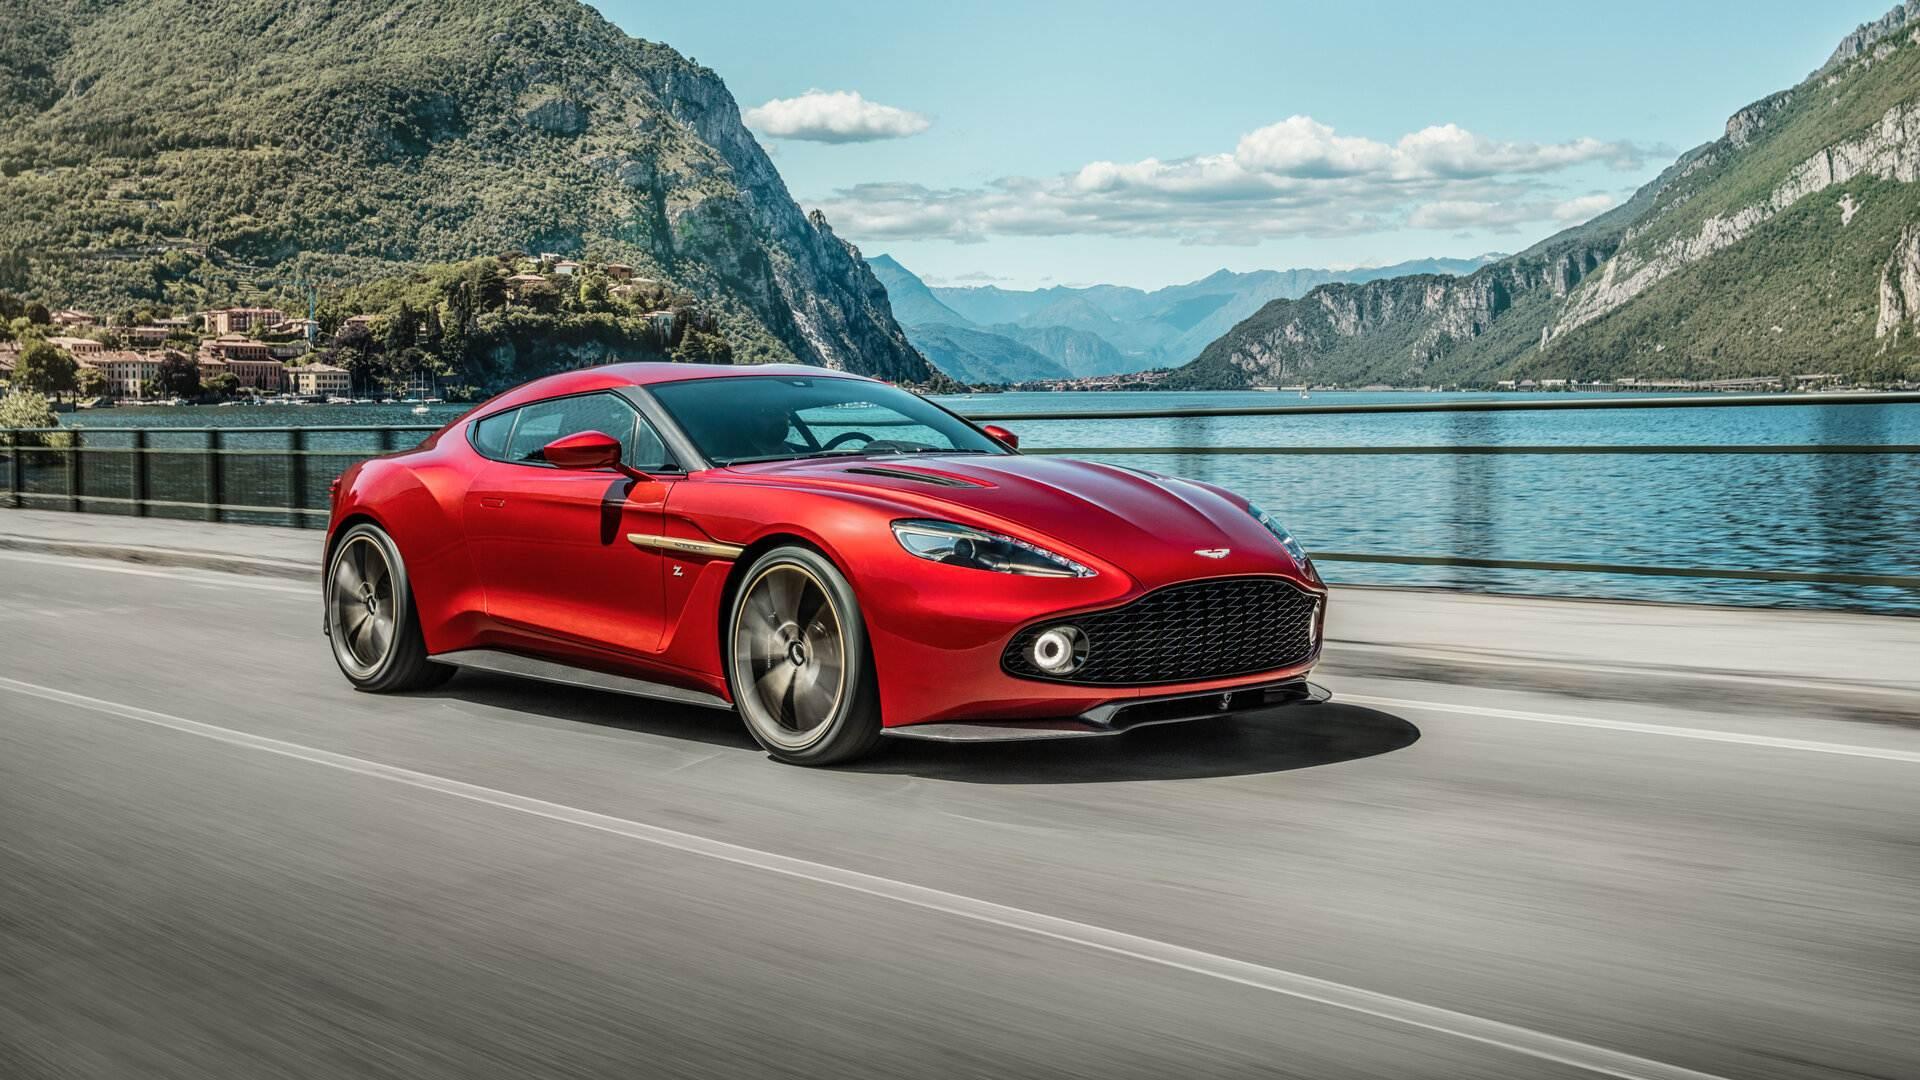 Aston Martin Vanquish Zagato, una realidad al alcance de muy pocos